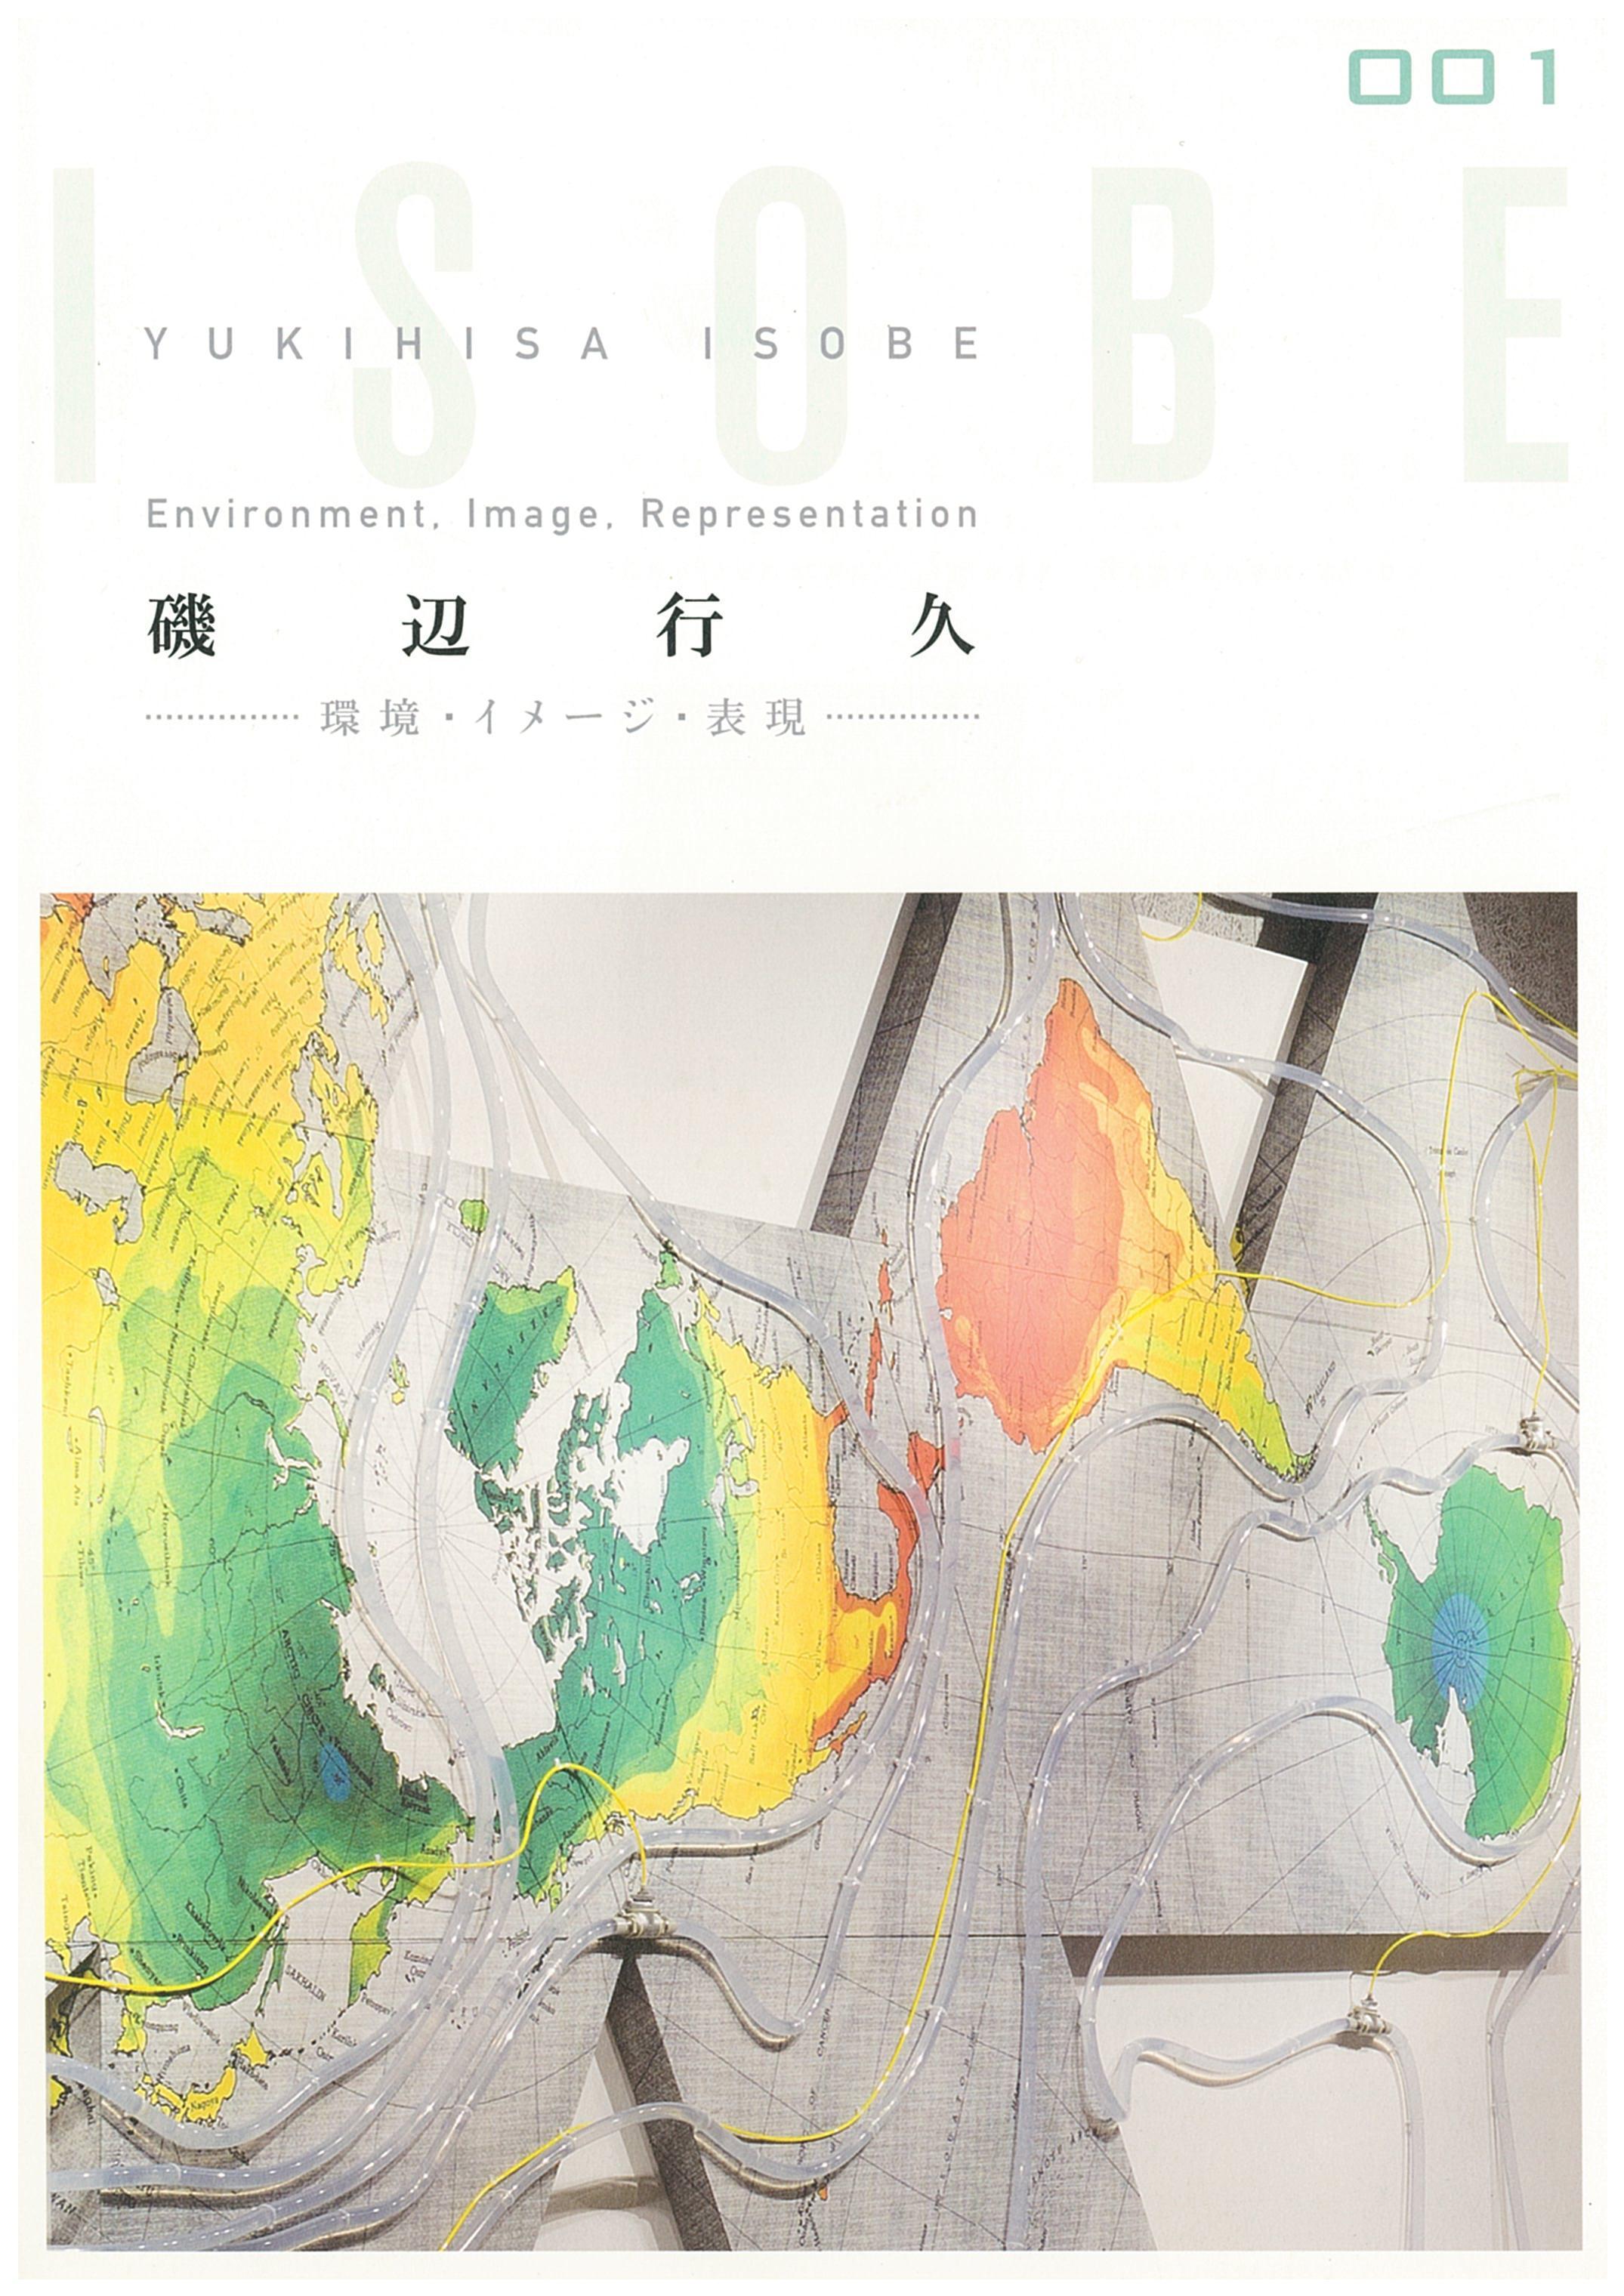 Ichihara Lakeside Museum 001 Yukihisa Isobe; Environment, Image, Representation